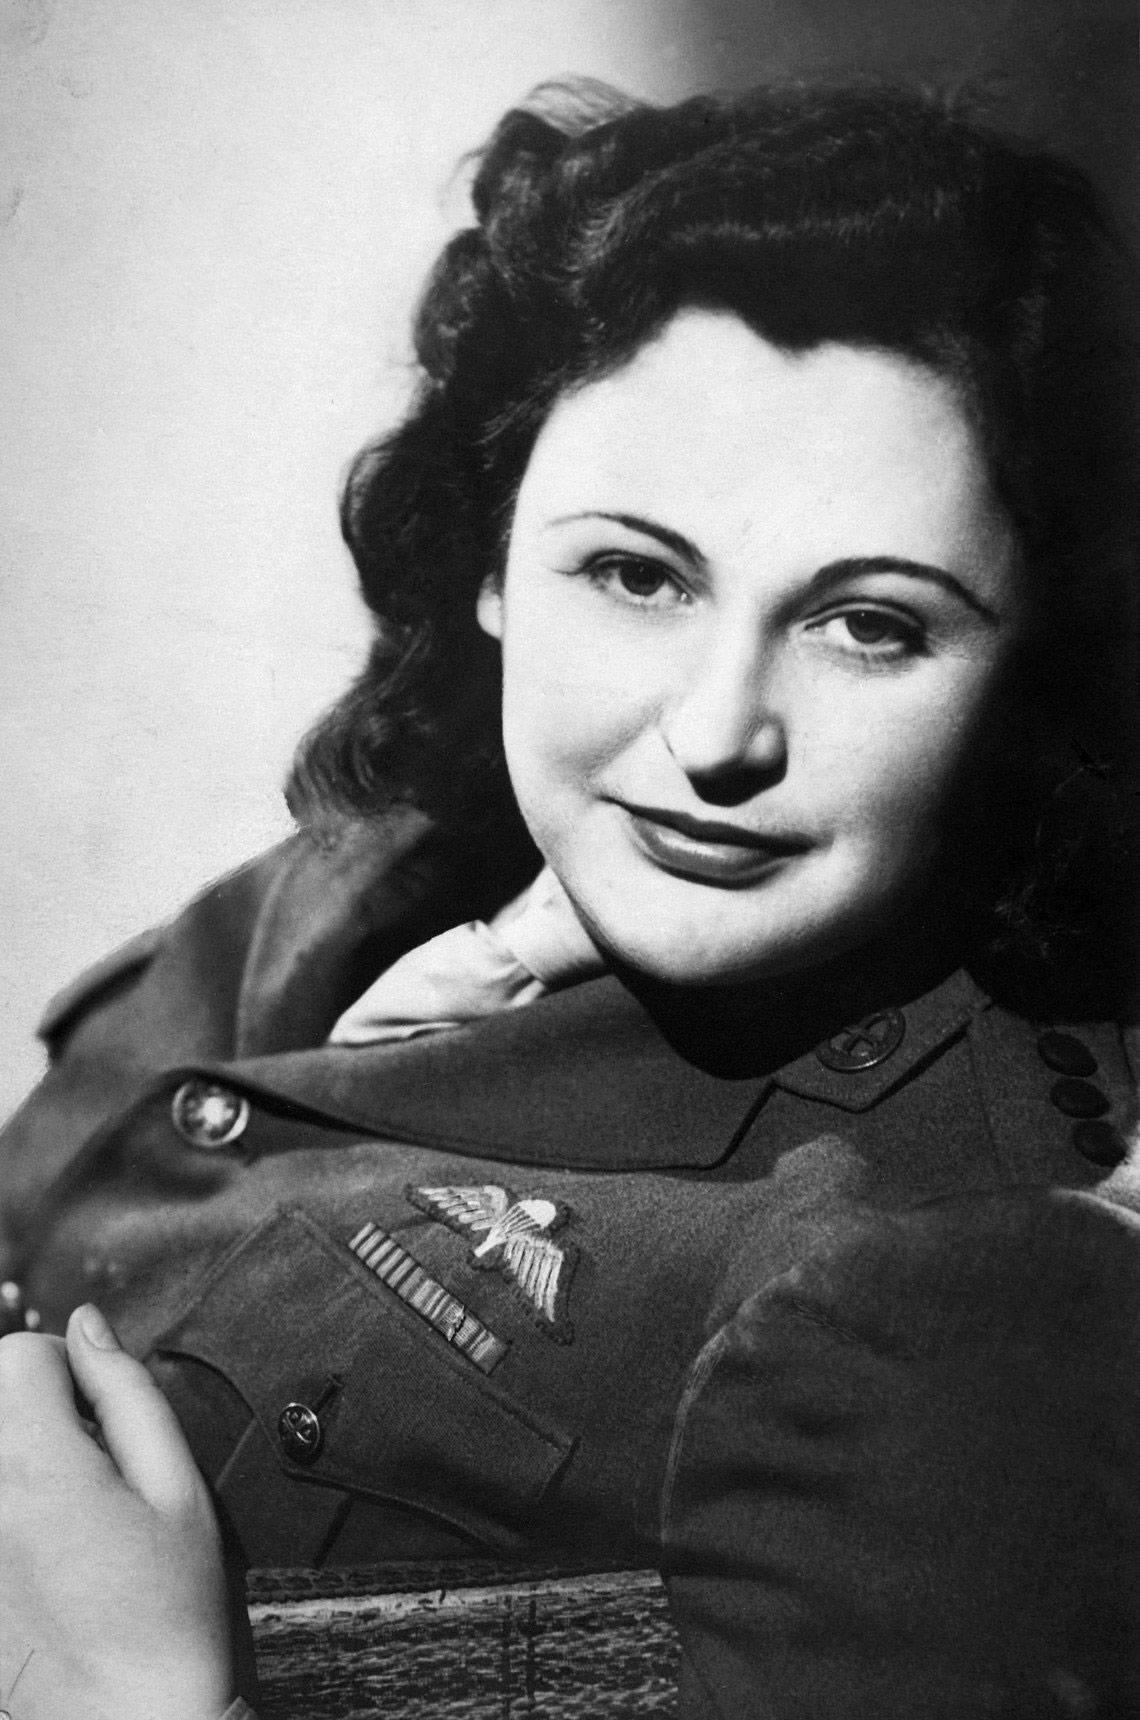 Nancy Wake nie miała litości dla szpiegów i potrafiła wymusić na miększych kolegach wykonanie egzekucji na dziewczynie szpiegującej dla Niemców, około 1945 roku (źródło: domena publiczna).